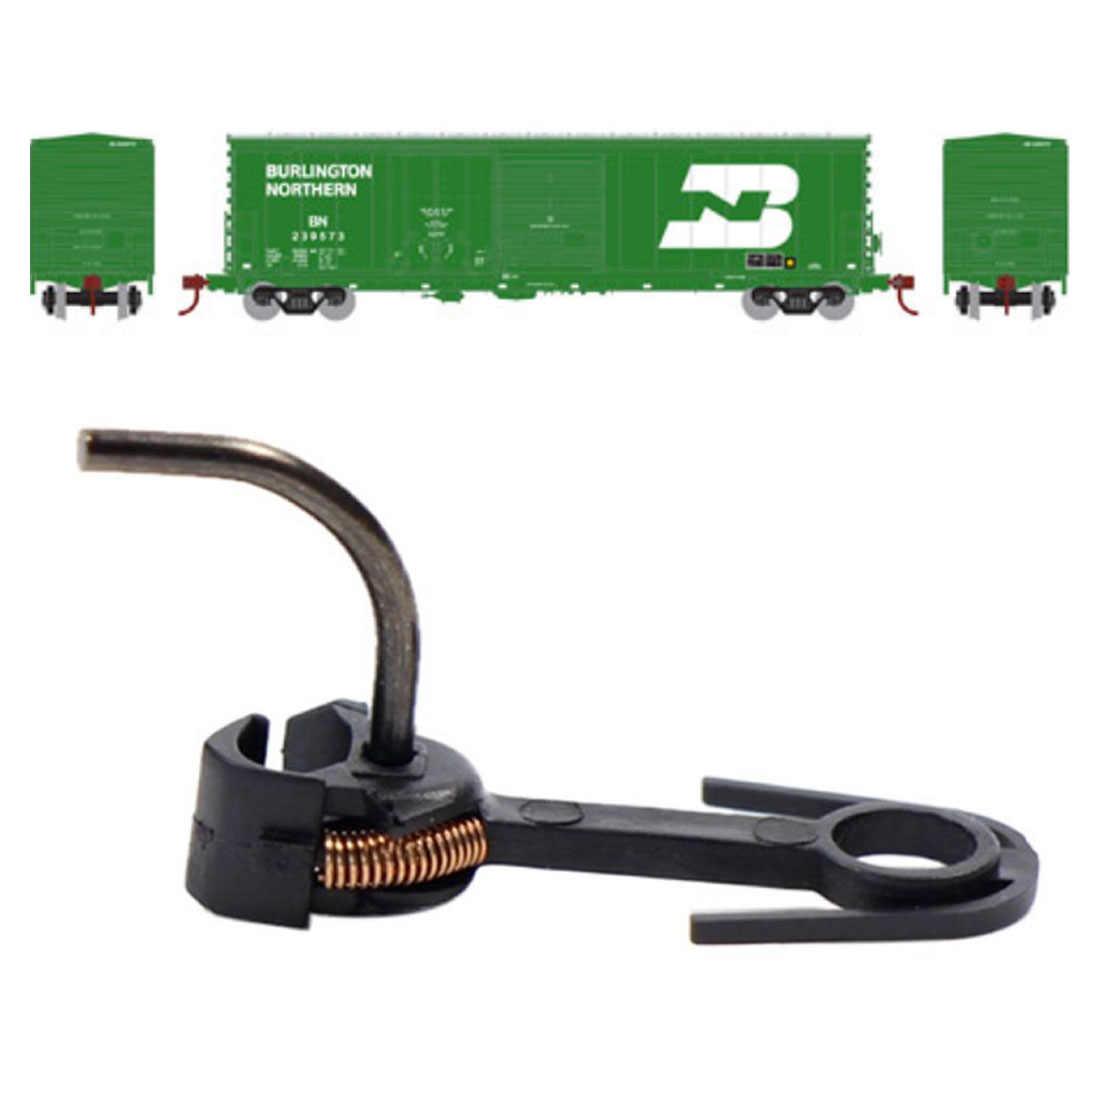 2/6/12 sztuk 20mm E-Z Mate magnetyczne Knuckle łączniki HO skala łączniki dla HO 1: 87 skala Model pociągi i dla Bachmann pociąg